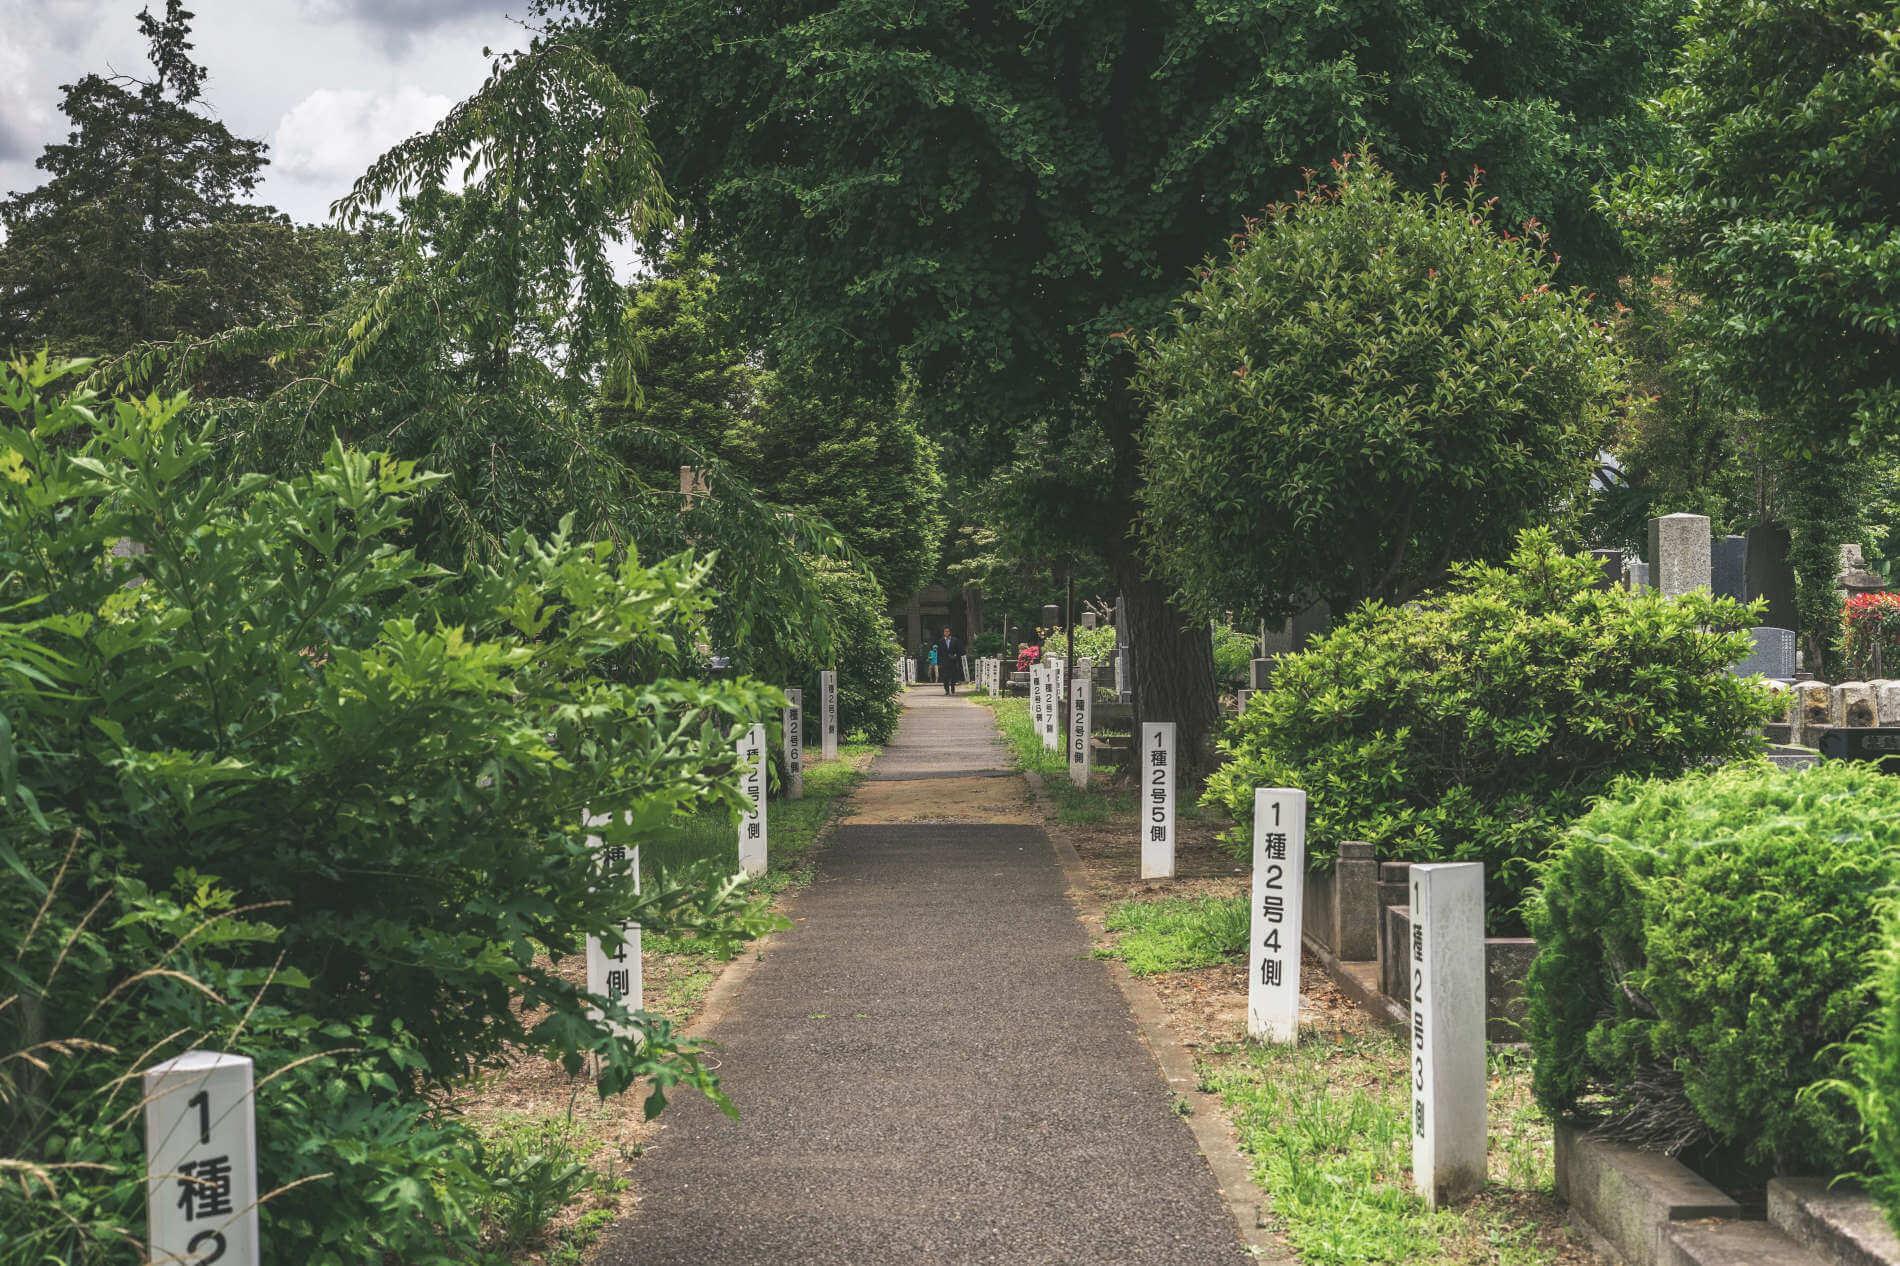 Heiliger Weg eines Shinto-Schreins